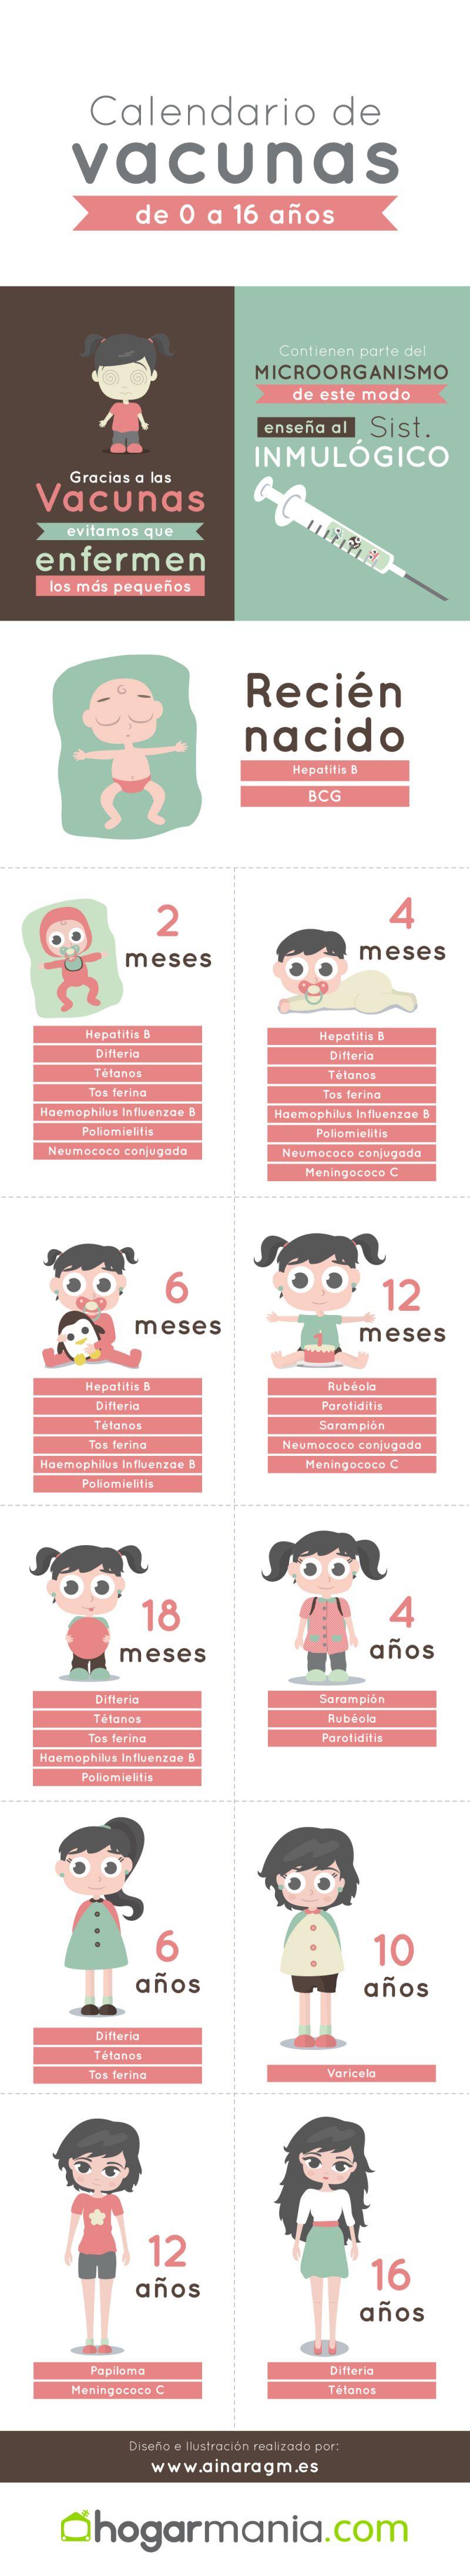 Calendario De Vacunas Infantil.Infografia De Calendario De Vacunas Infantil Hogarmania